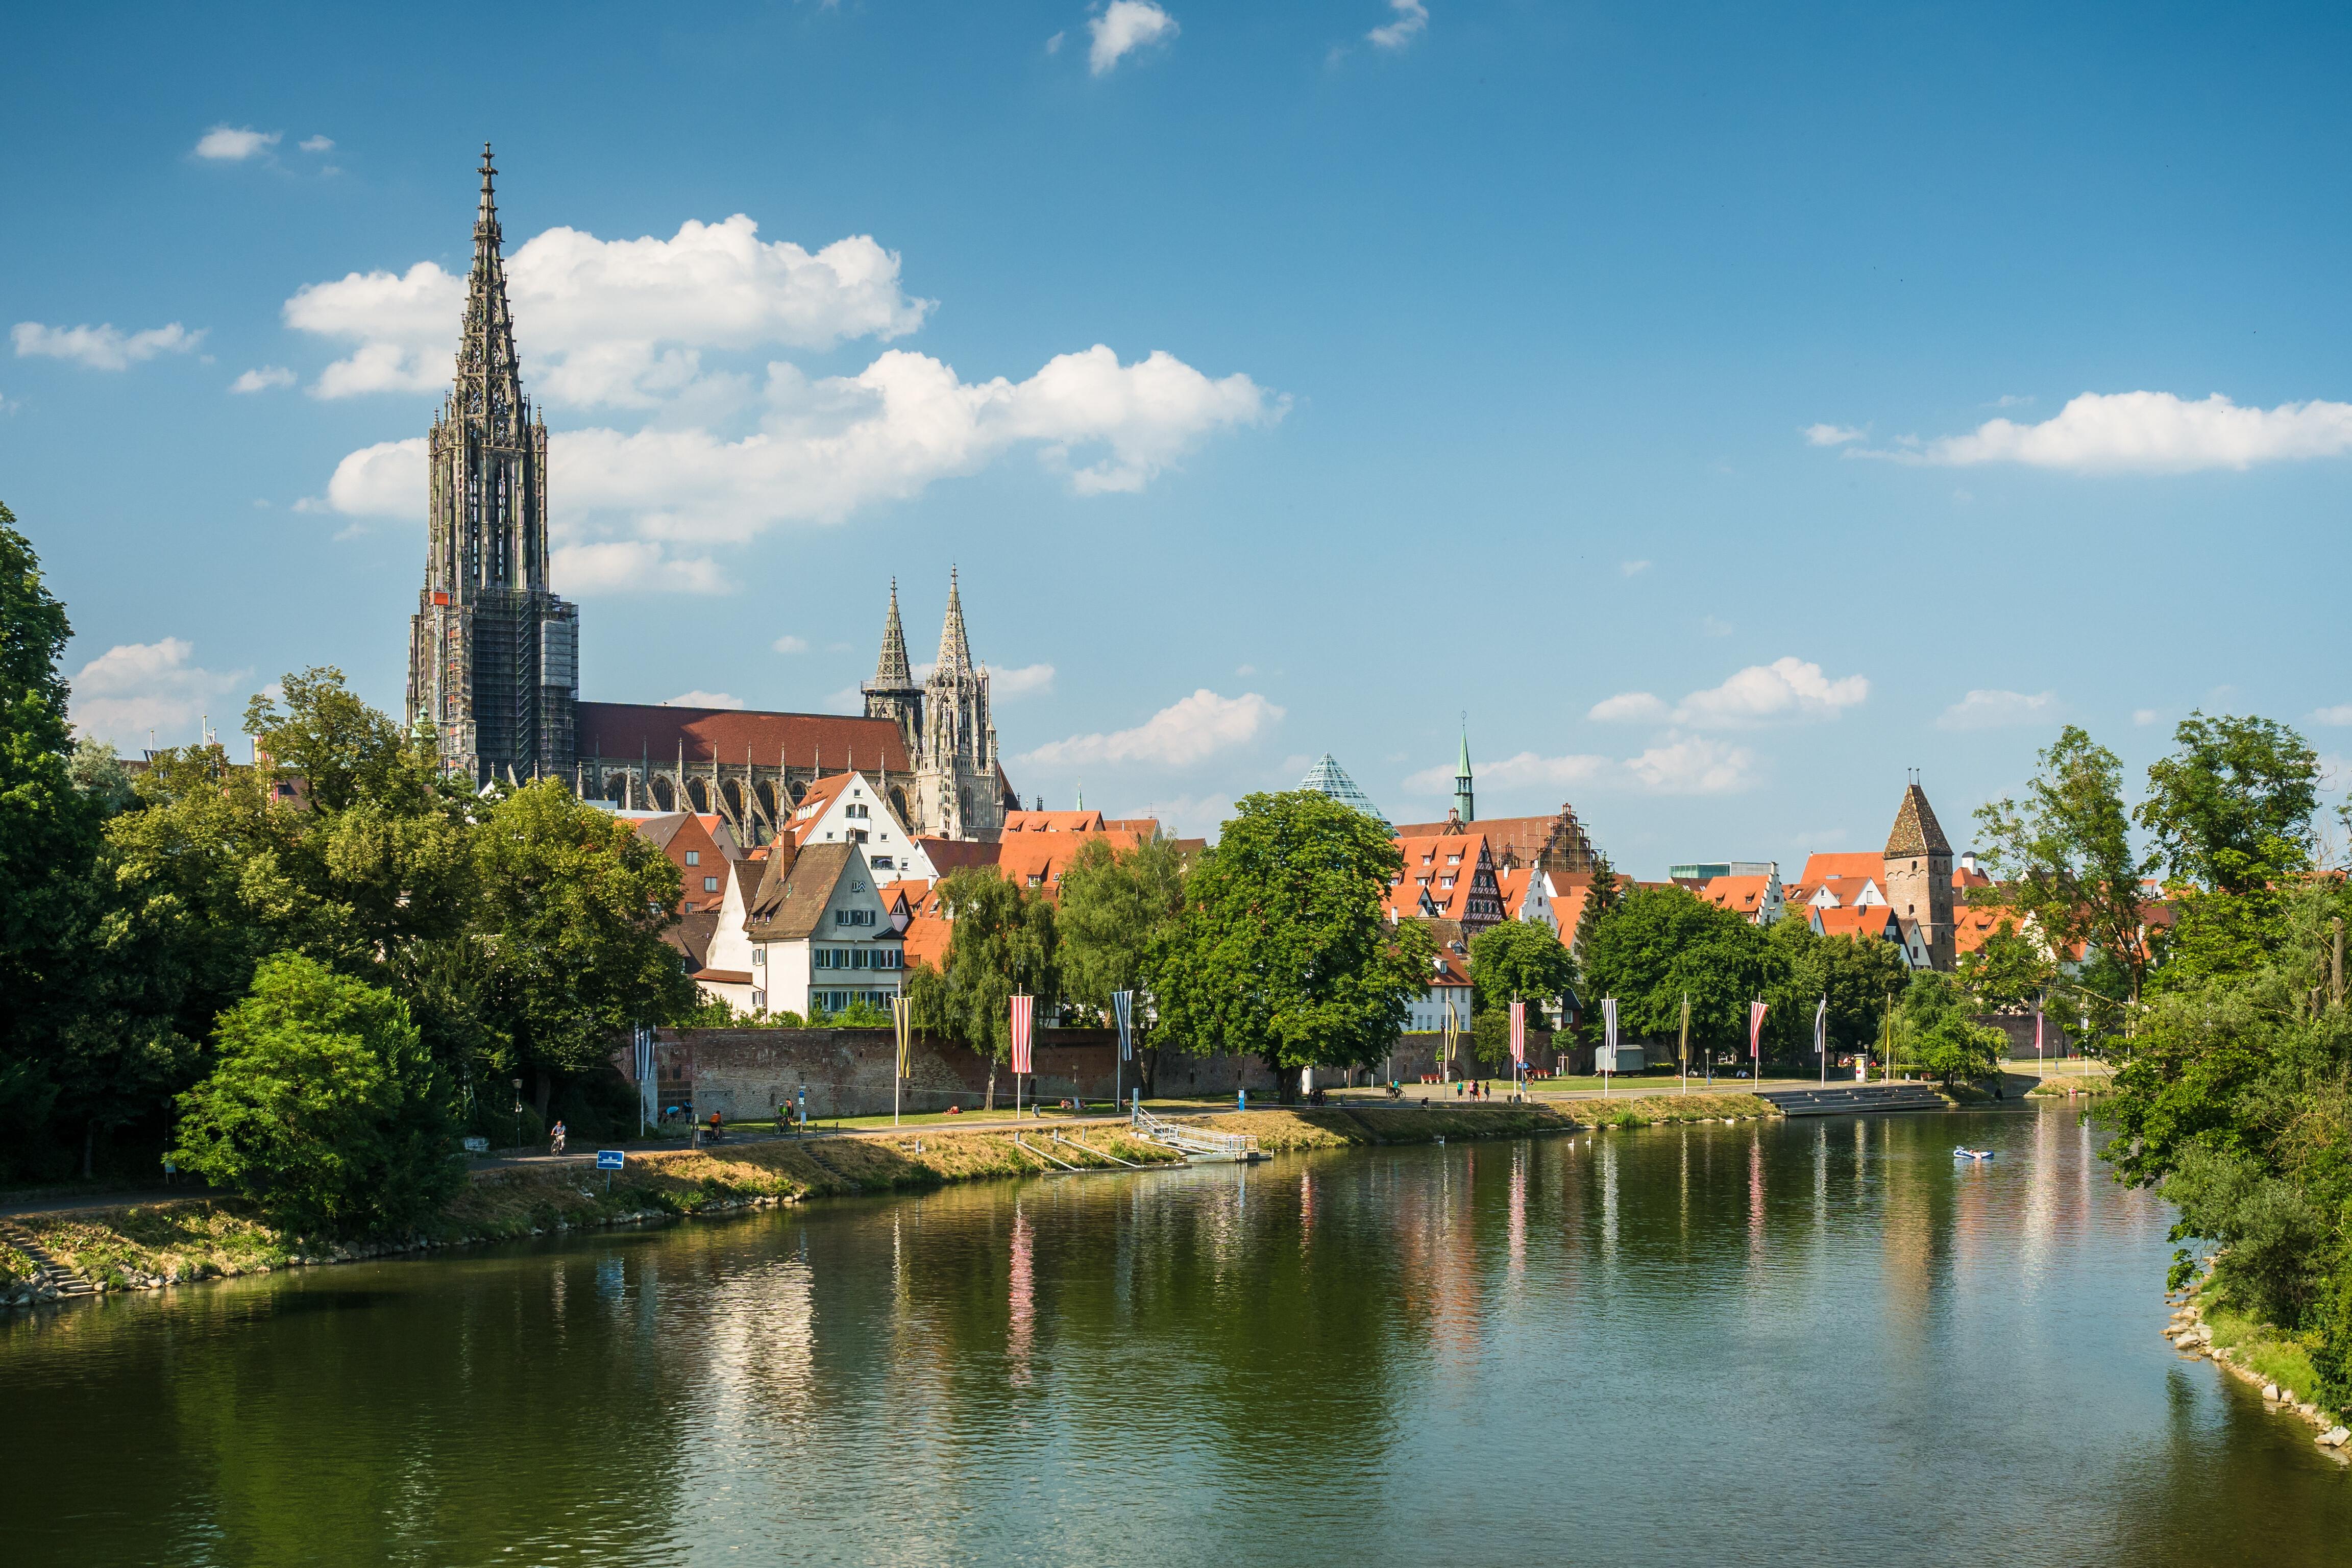 Ulm am Wasser